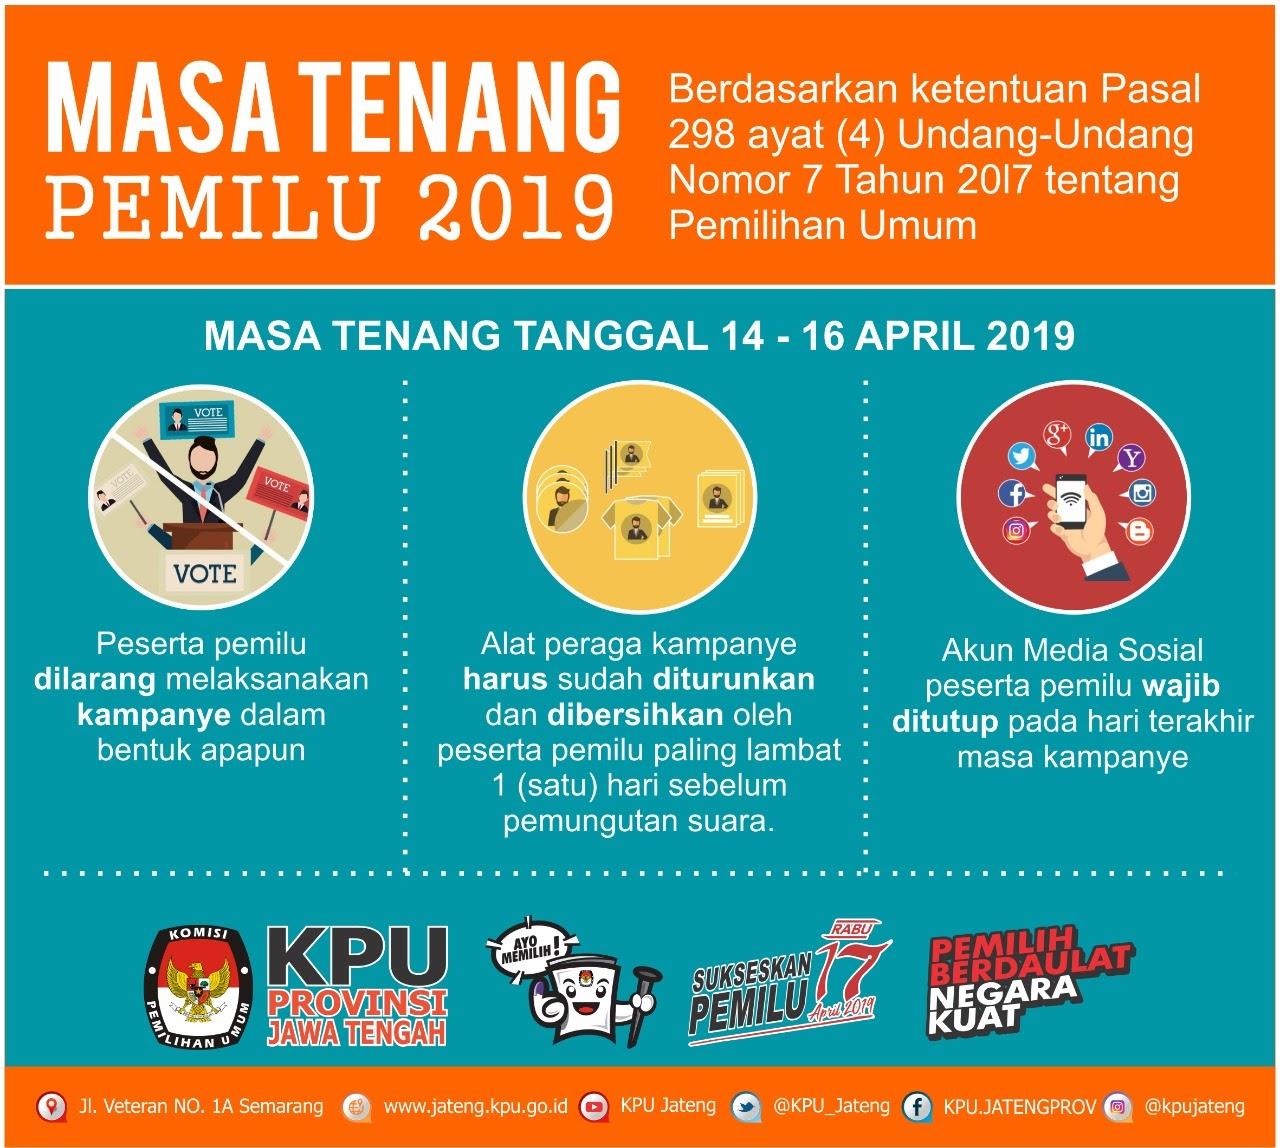 14 - 16 April, Hari Masa Tenang Pemilu 2019